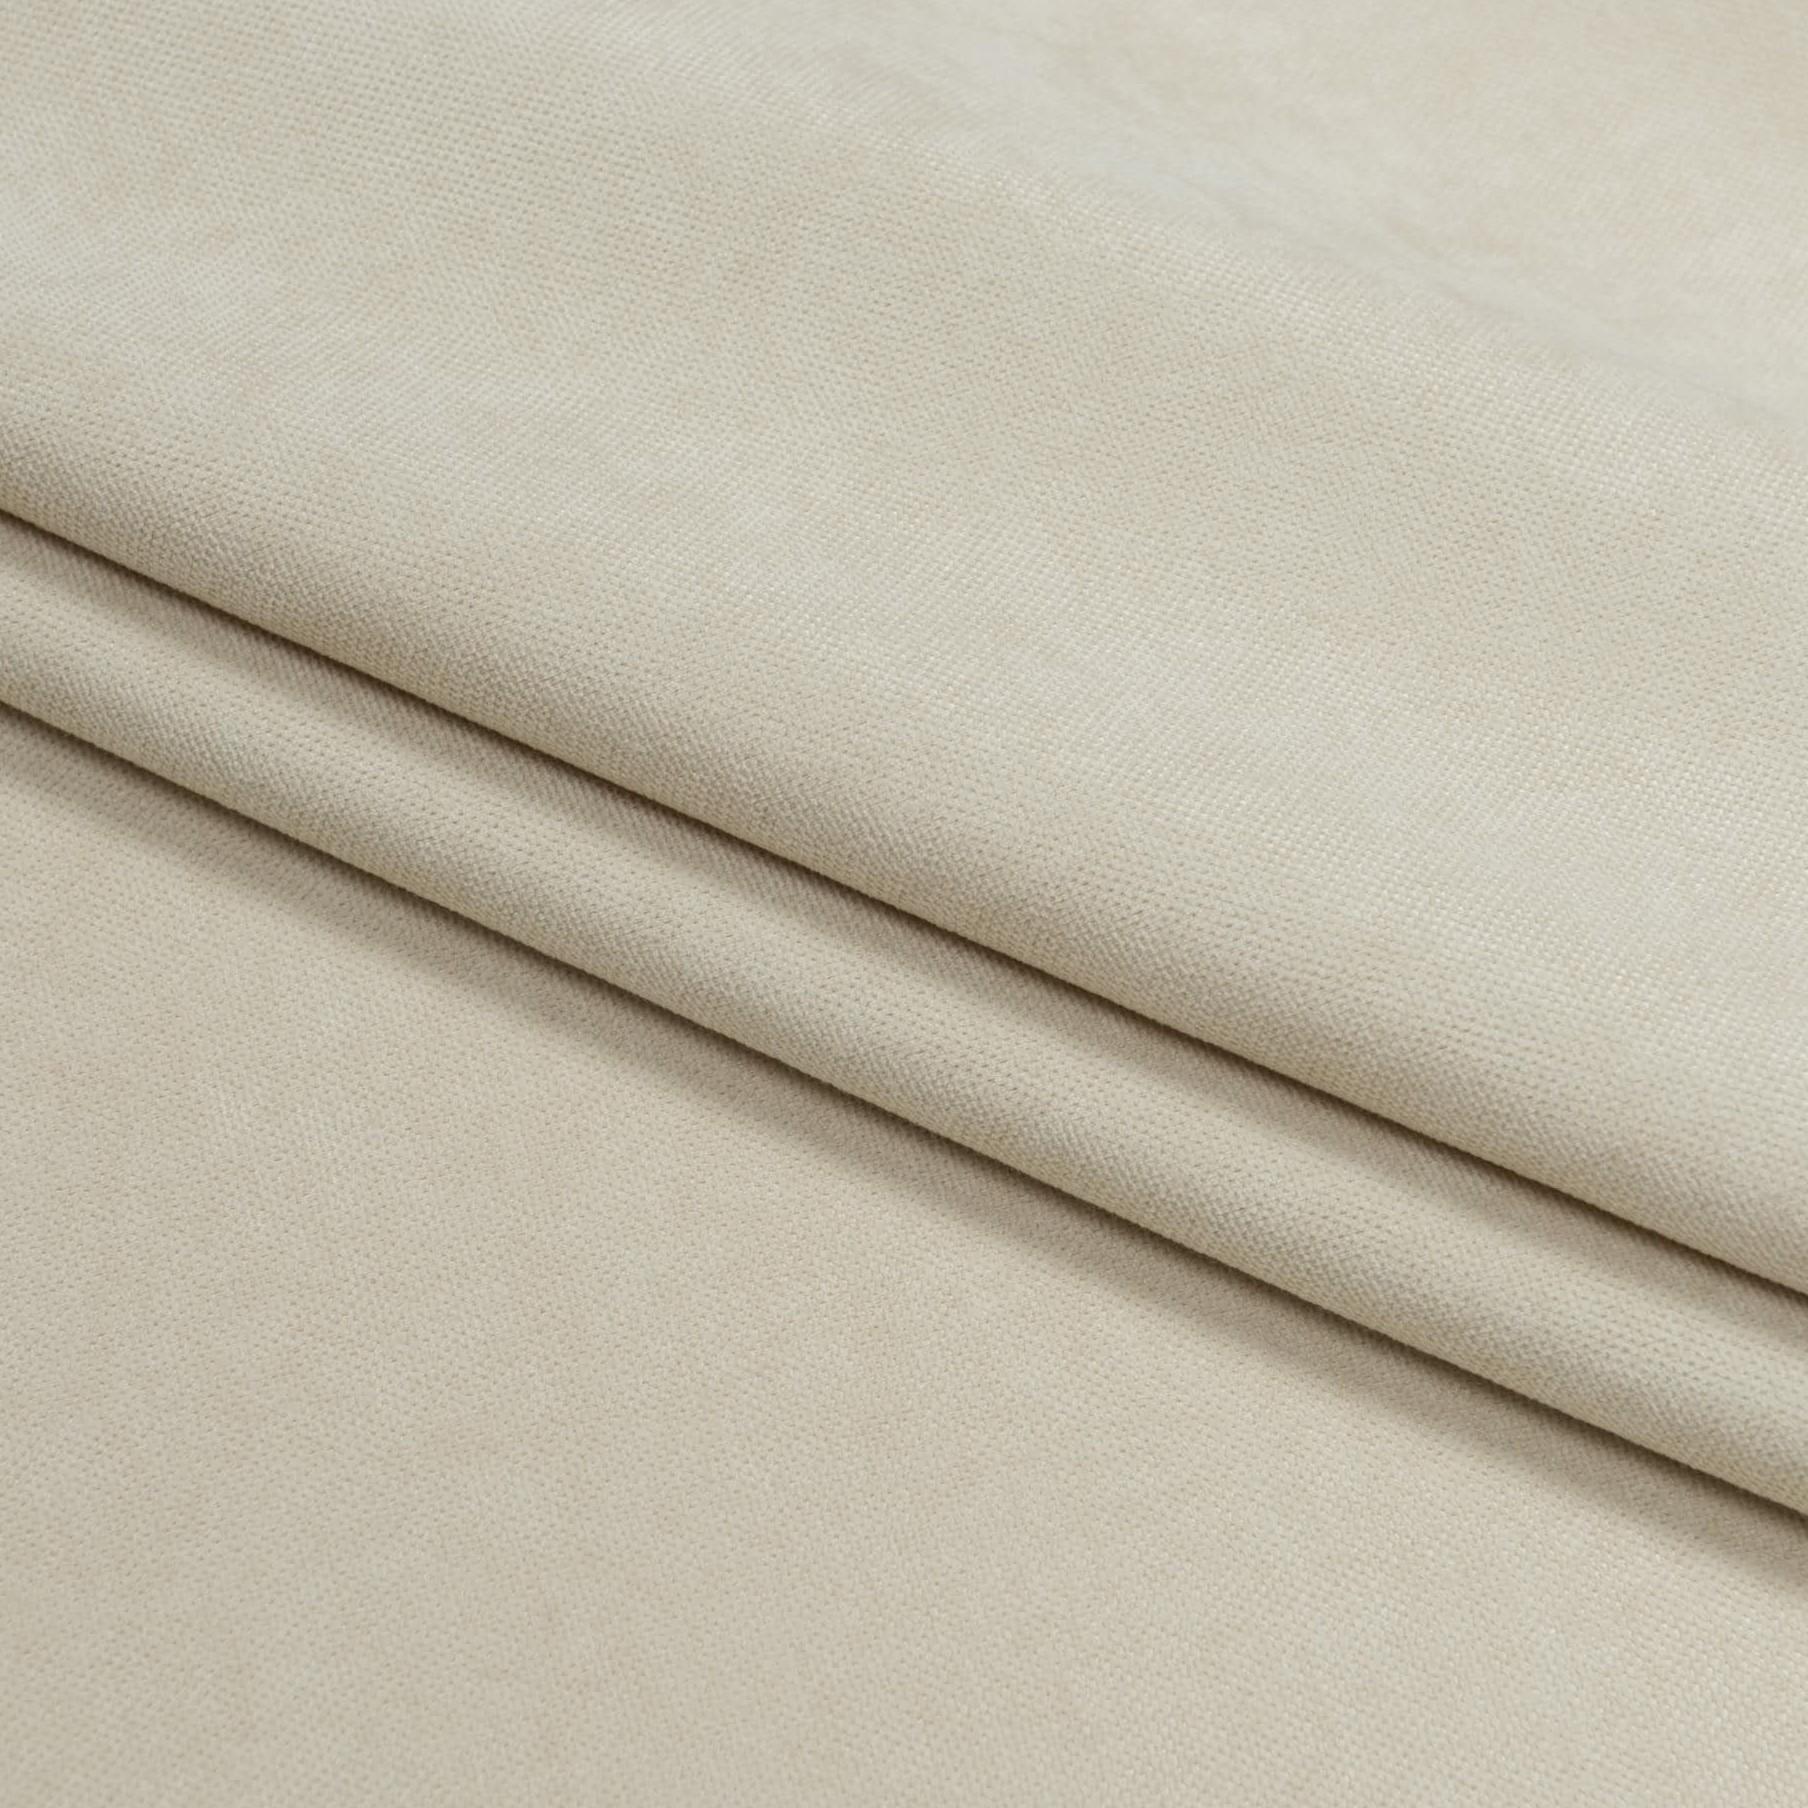 Декор-нубук Крем-брюле, размер 50х50, полиэстер 100%, плотность 200